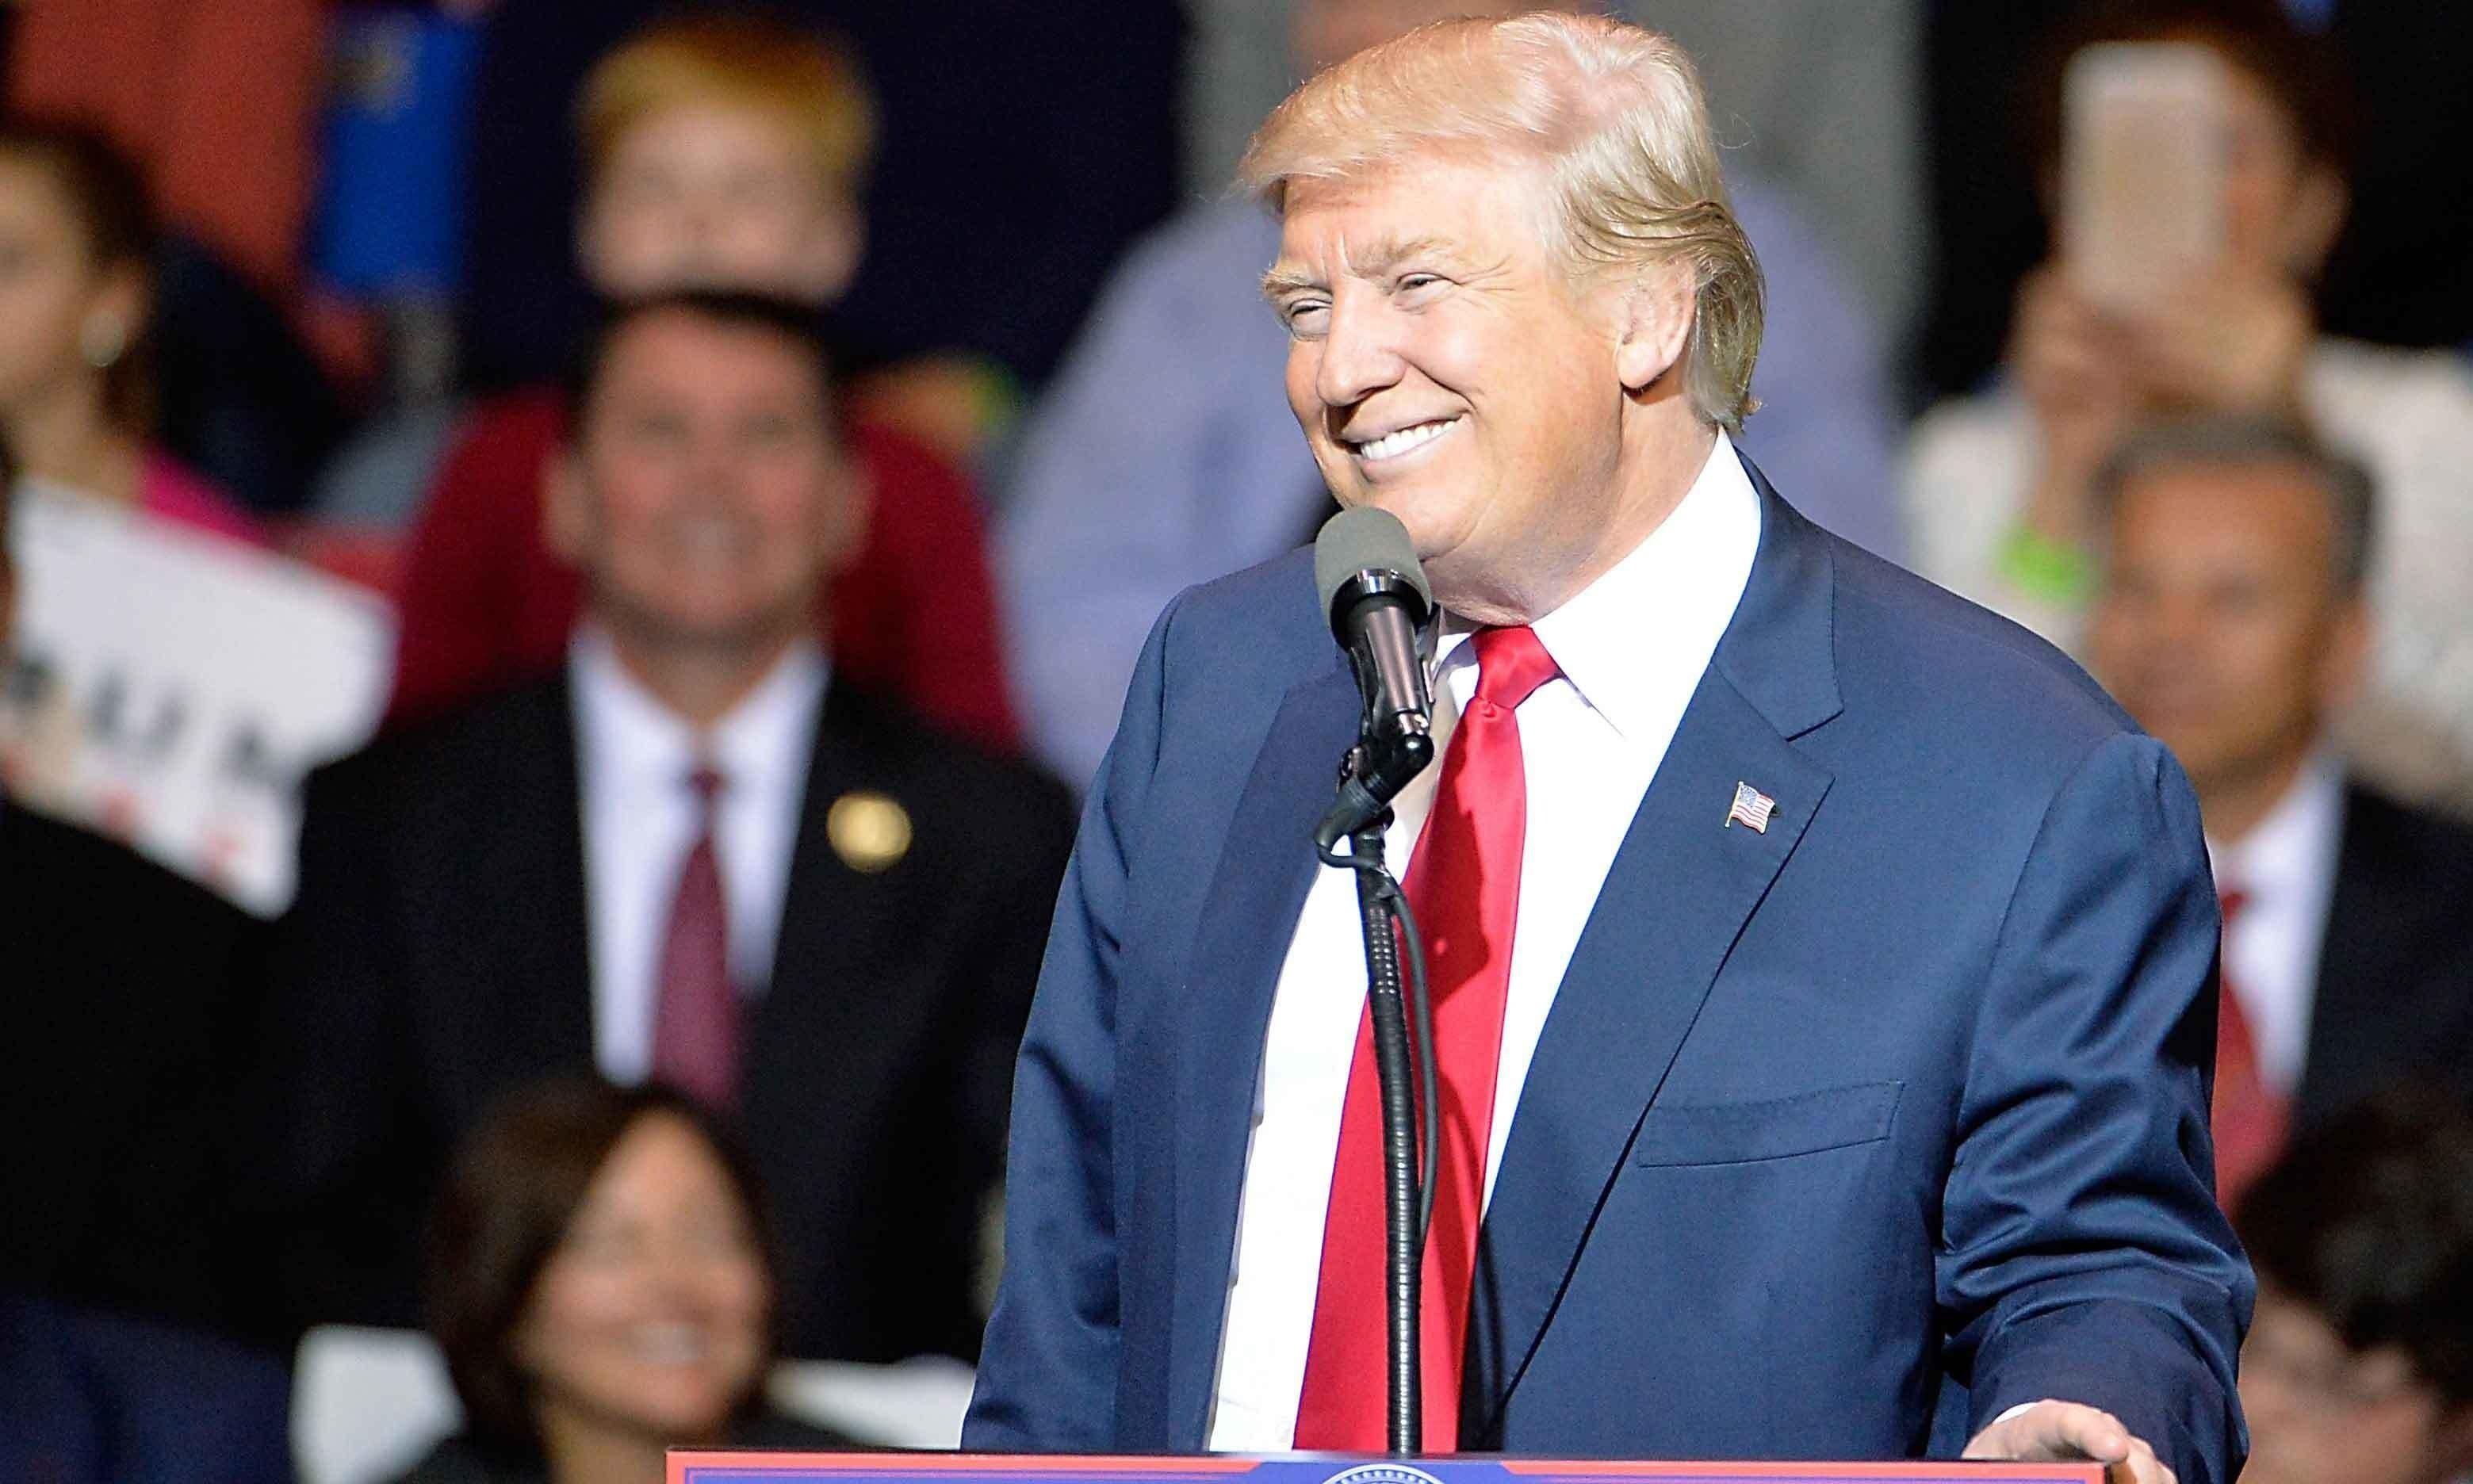 ڈونلڈ ٹرمپ نے امریکا میں برطانوی سفیر کو 'احمق شخص' قرار دے دیا — فوٹو: اے ایف پی